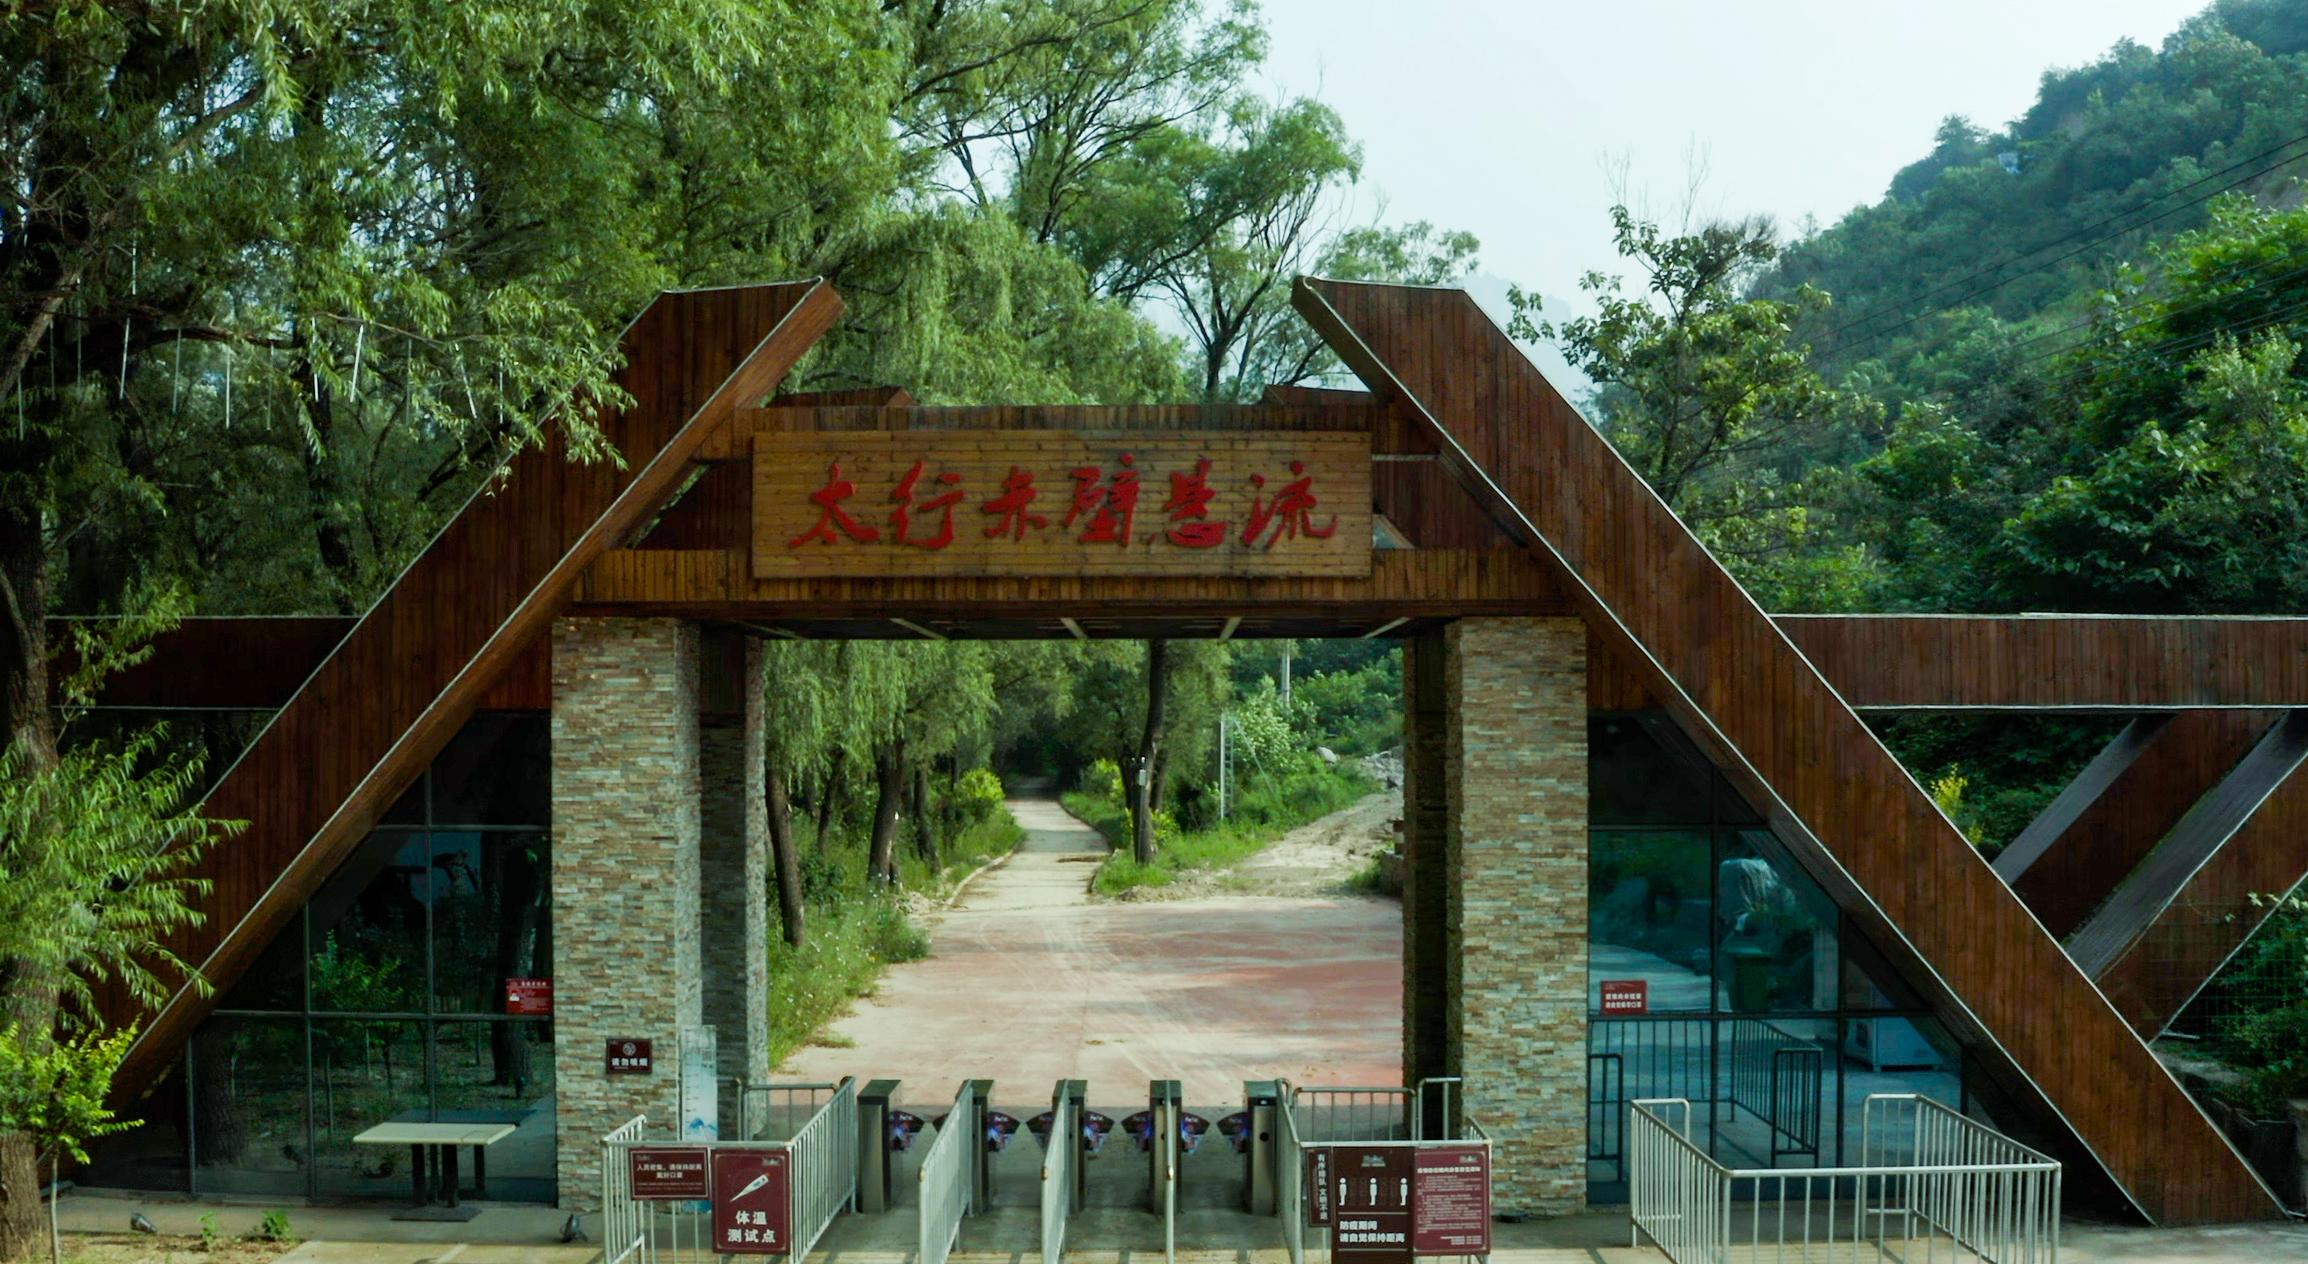 山西省长治市平顺县阳高乡奥治村:打造绿水青山间的古色特色村